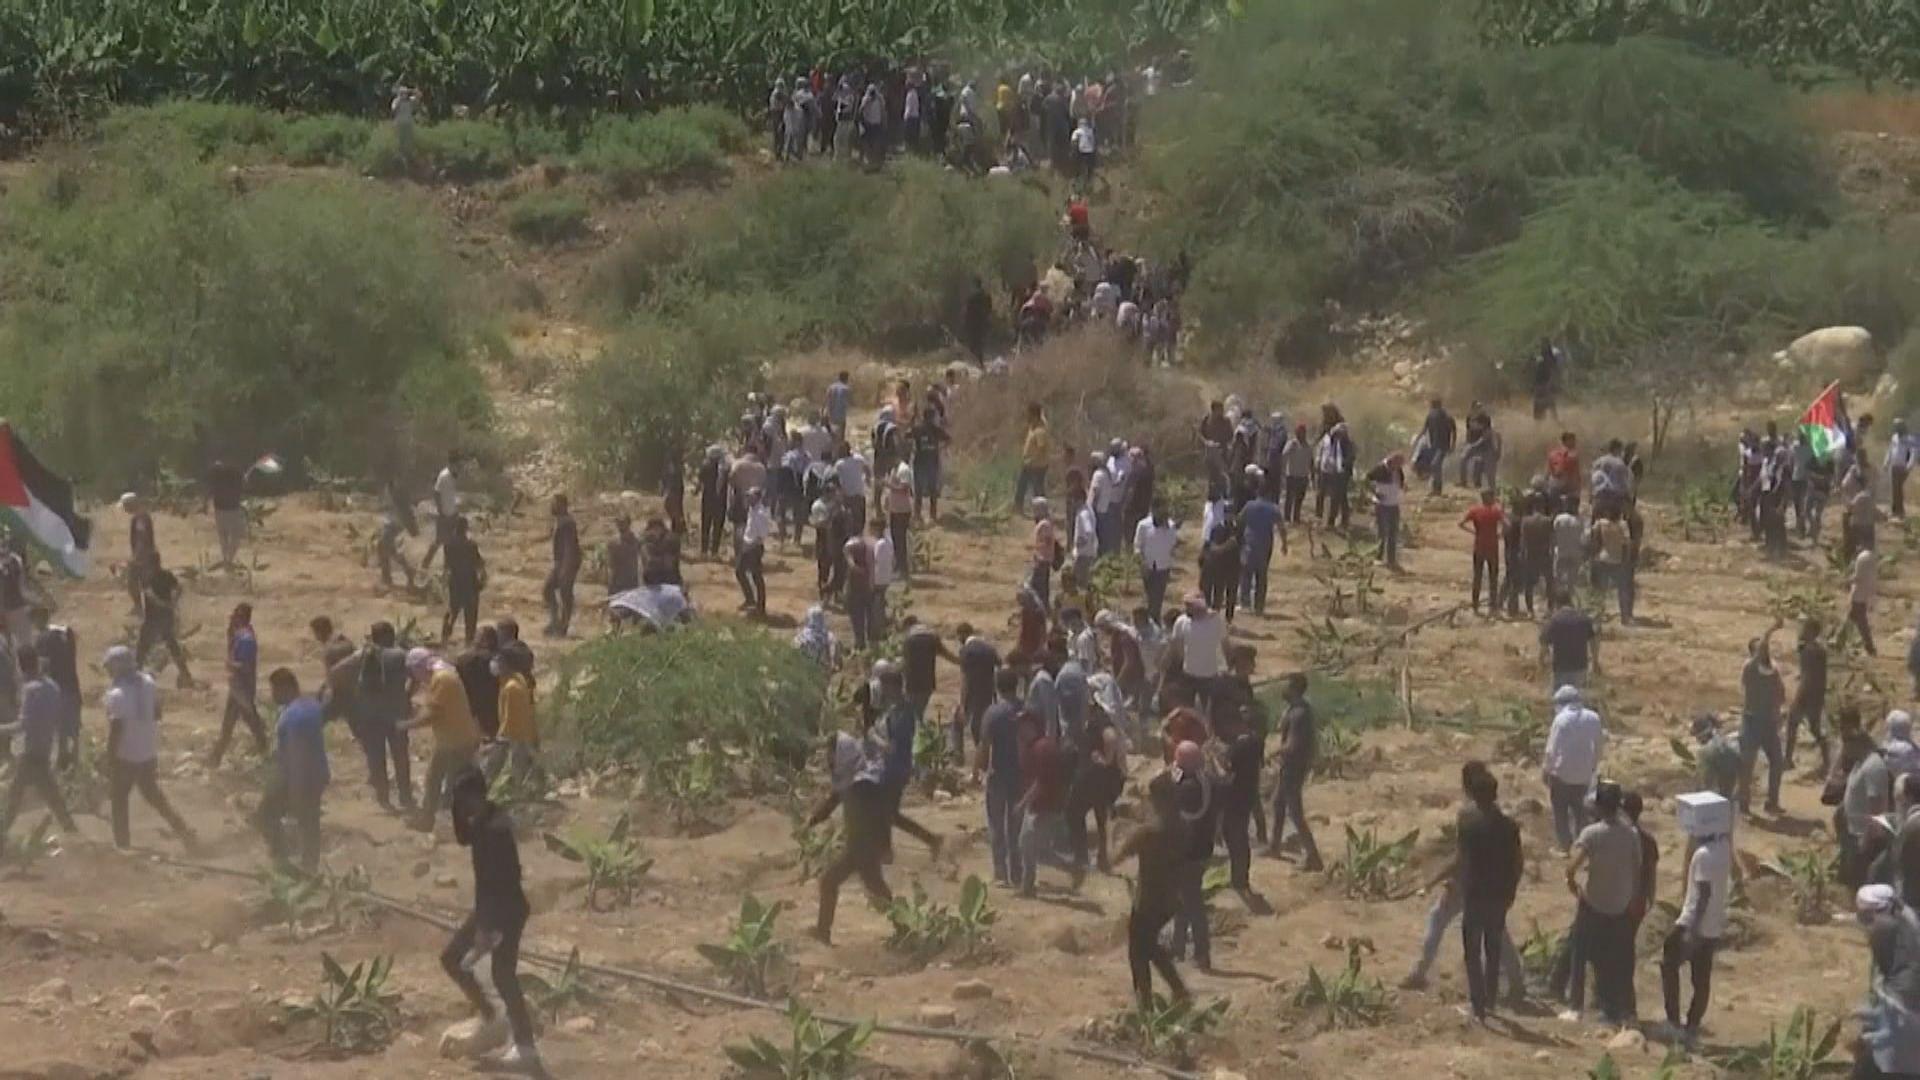 黎巴嫩男子試圖越過以色列邊境中槍身亡